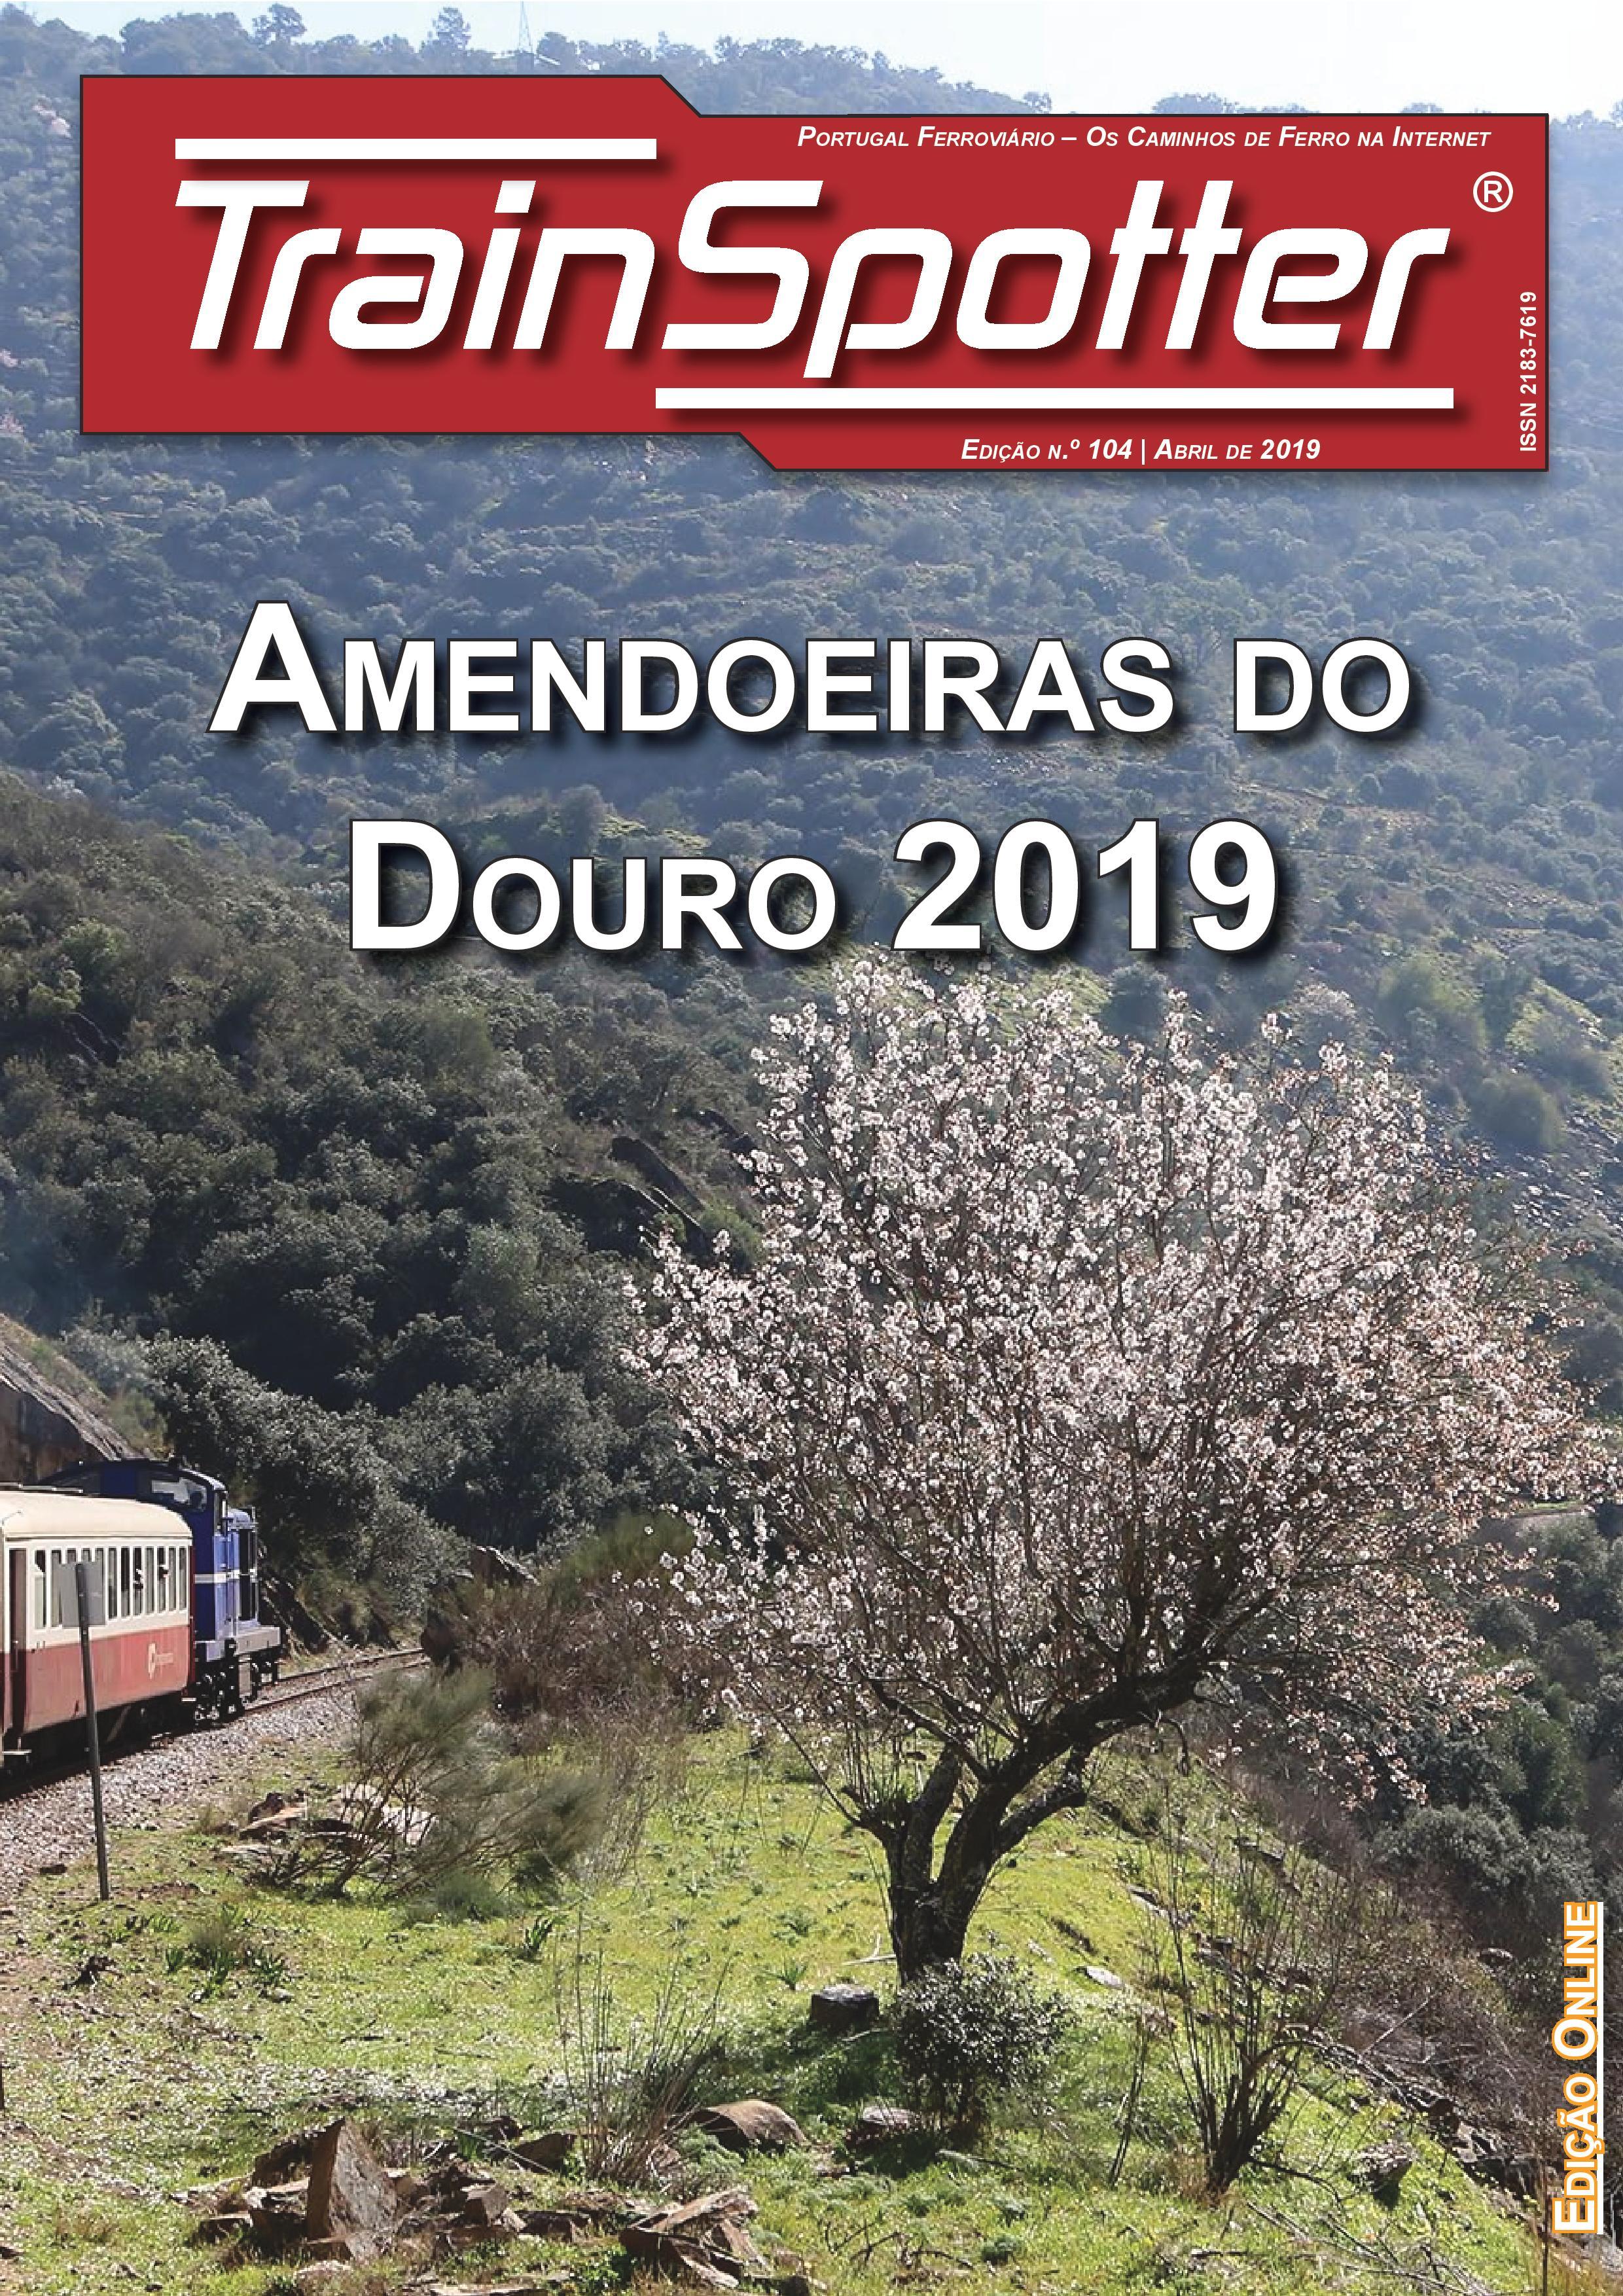 Trainspotter nº 104 – Abril de 2019